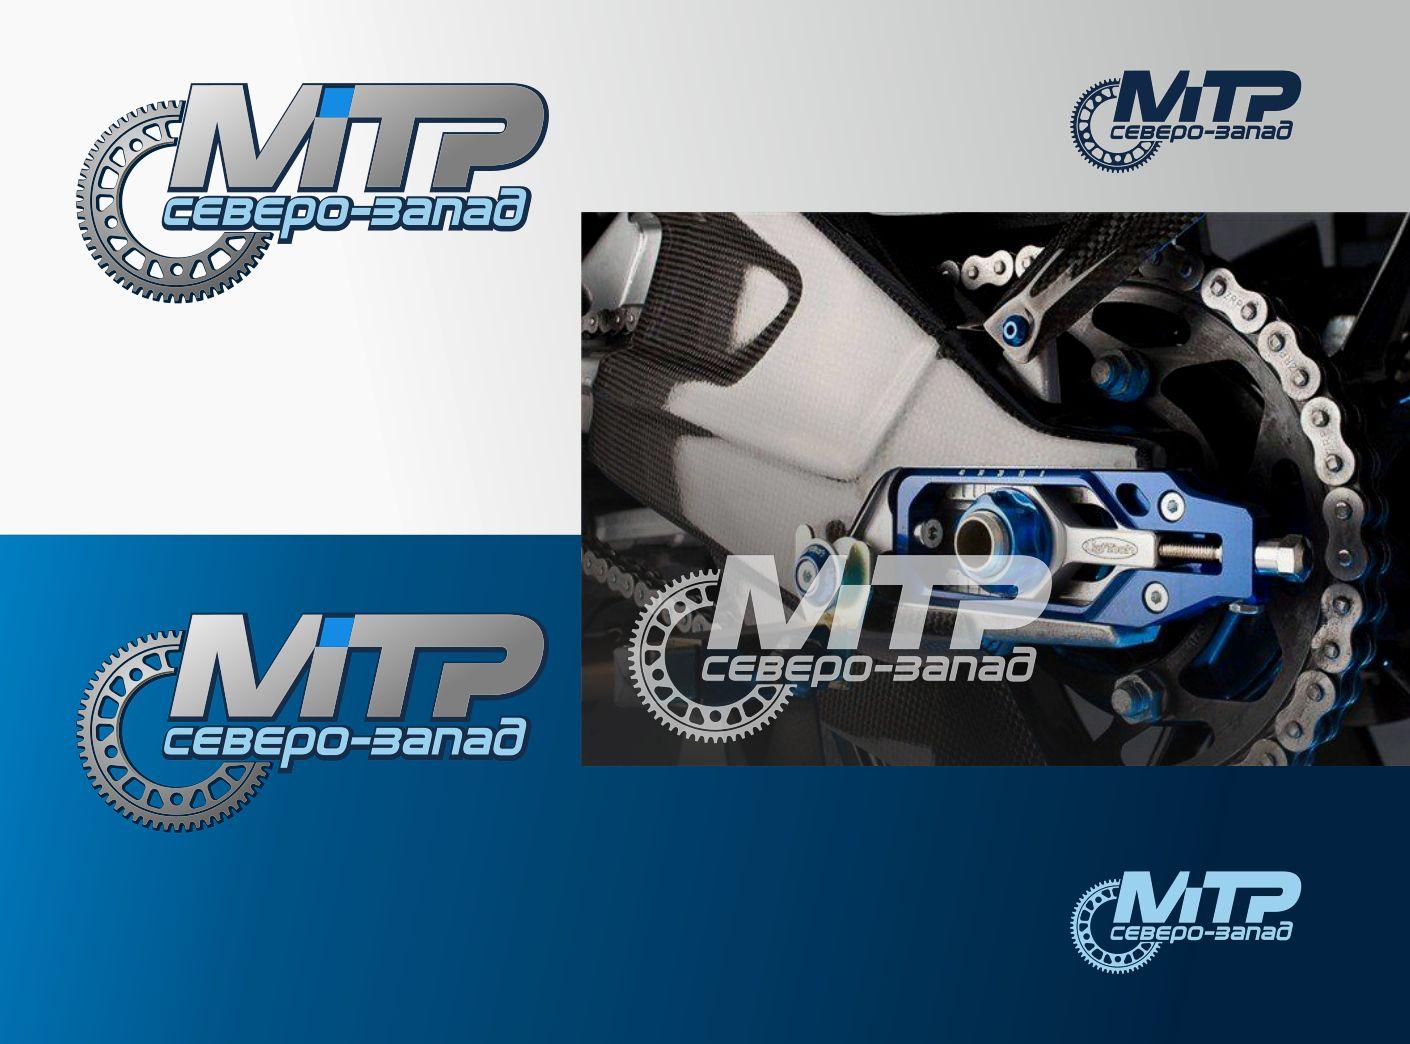 Редизайн лого (производство и продажа мототехники) - дизайнер vchernets